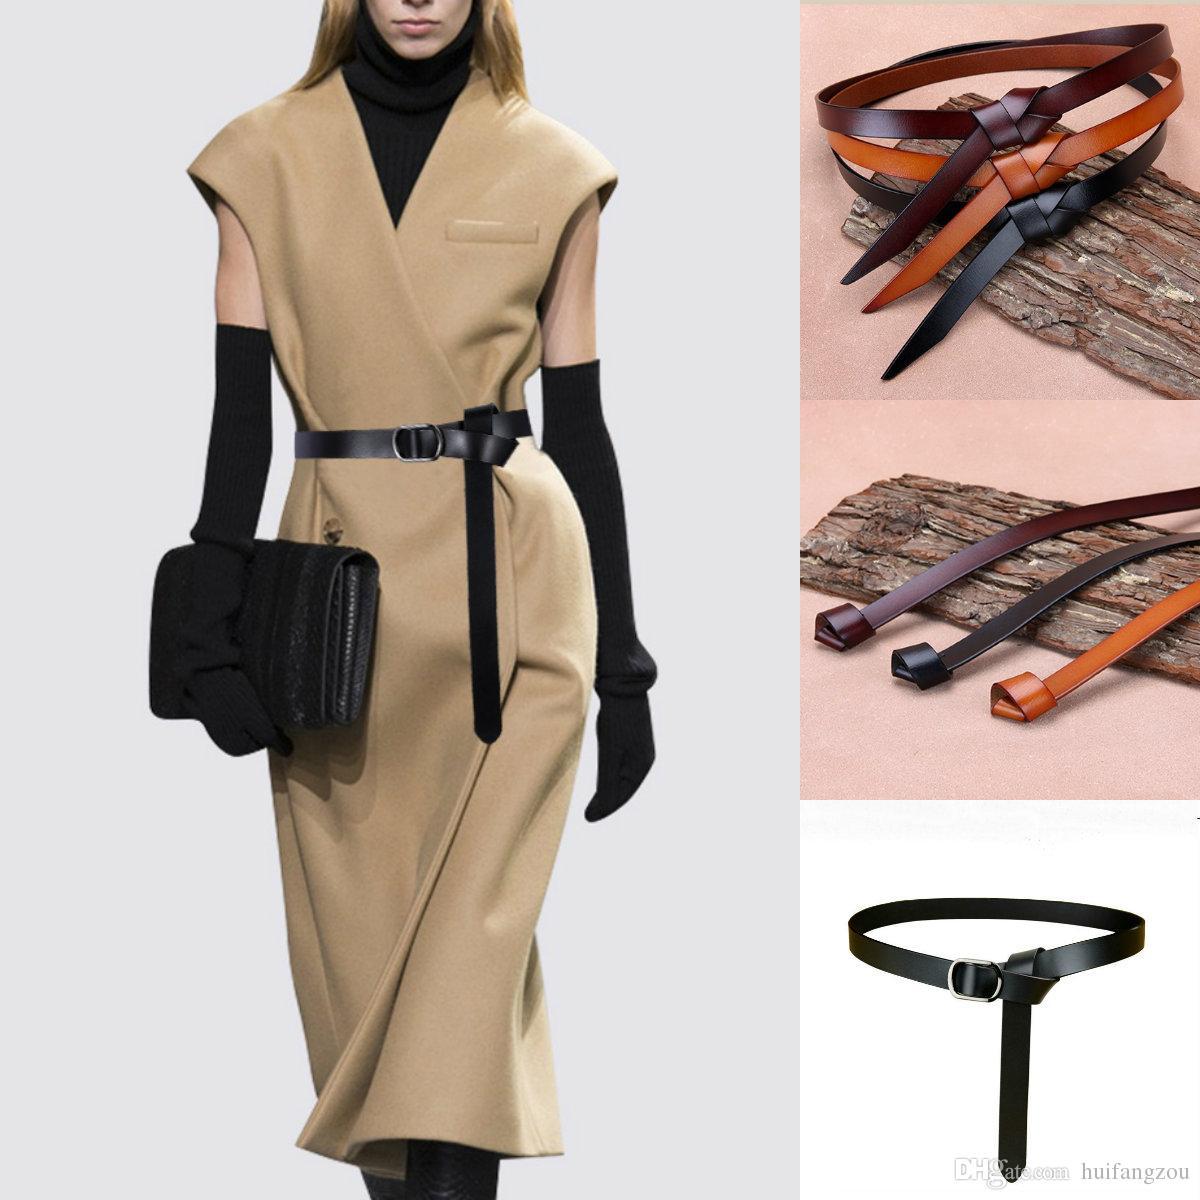 Acheter 2019 Créateur De Mode Ceintures Simple Élégant Femmes Robes  Accessoires Top Qualité Ceintures En Cuir Ceinture En Stock De  12.07 Du  Huifangzou ... 19391b0d762